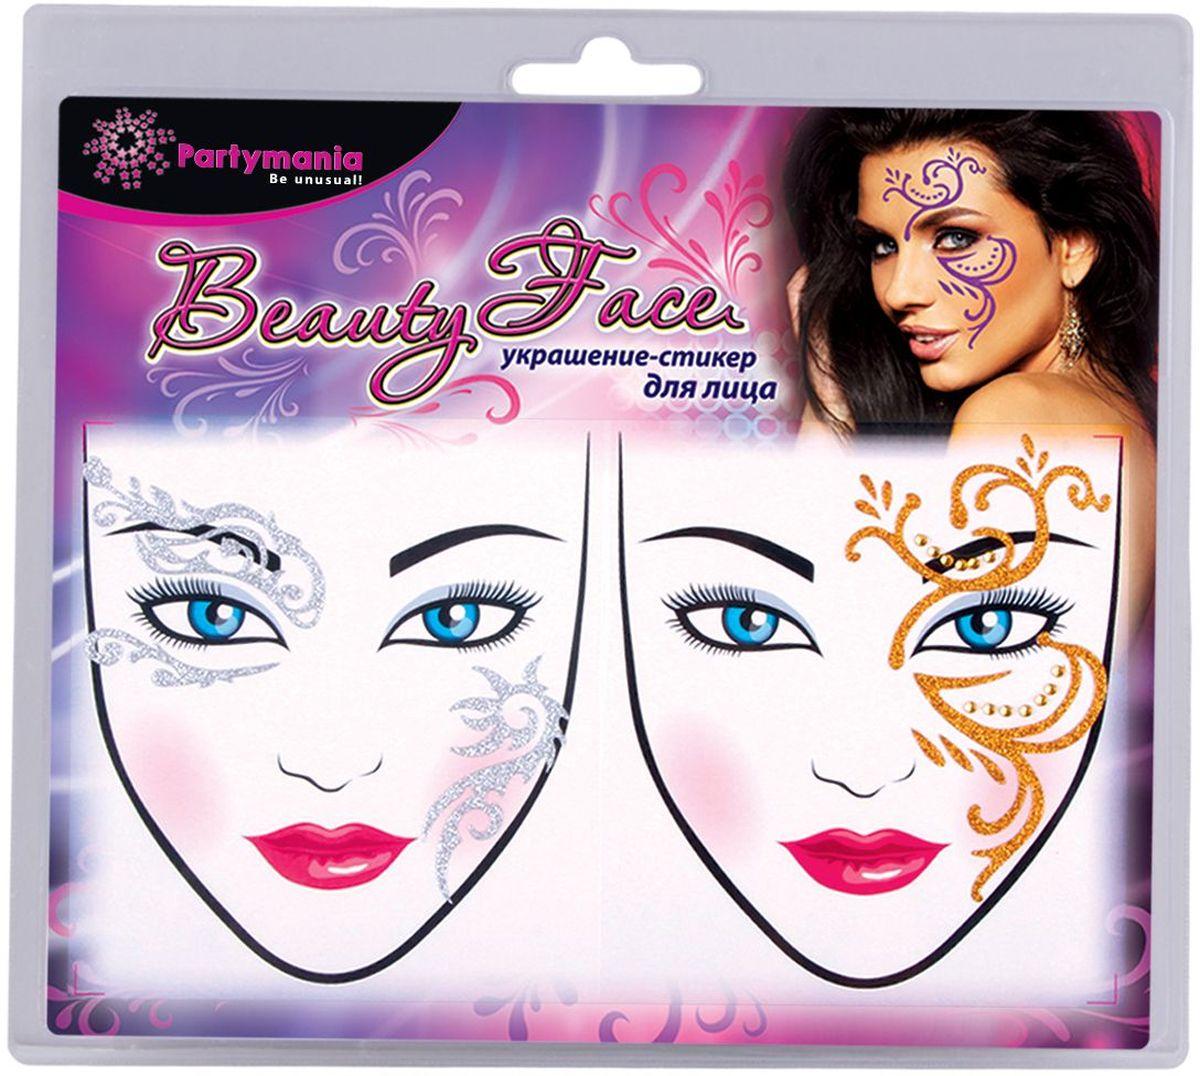 Partymania Украшение-стикер для лица Beauty face T0805 цвет белая,оранжеваяT0805_белая,оранжеваяИзящное украшение-стикер для лица сделает Ваш образ ярким и запоминающимся. Наклейка, сделанная из качественных материалов, надежно продержится на лице весь вечер. Вы будете блистать на любом мероприятии. Сделайте свой праздник особенным! Набор из 2 стикеров в упаковке. 2 варианта наборов со стикерами поставляются под одним артикулом T0805. Цвета изделий: 1. серебрянный + золотой; 2. фиолетовый + черный. Размер упаковки - 274х265х5 мм.